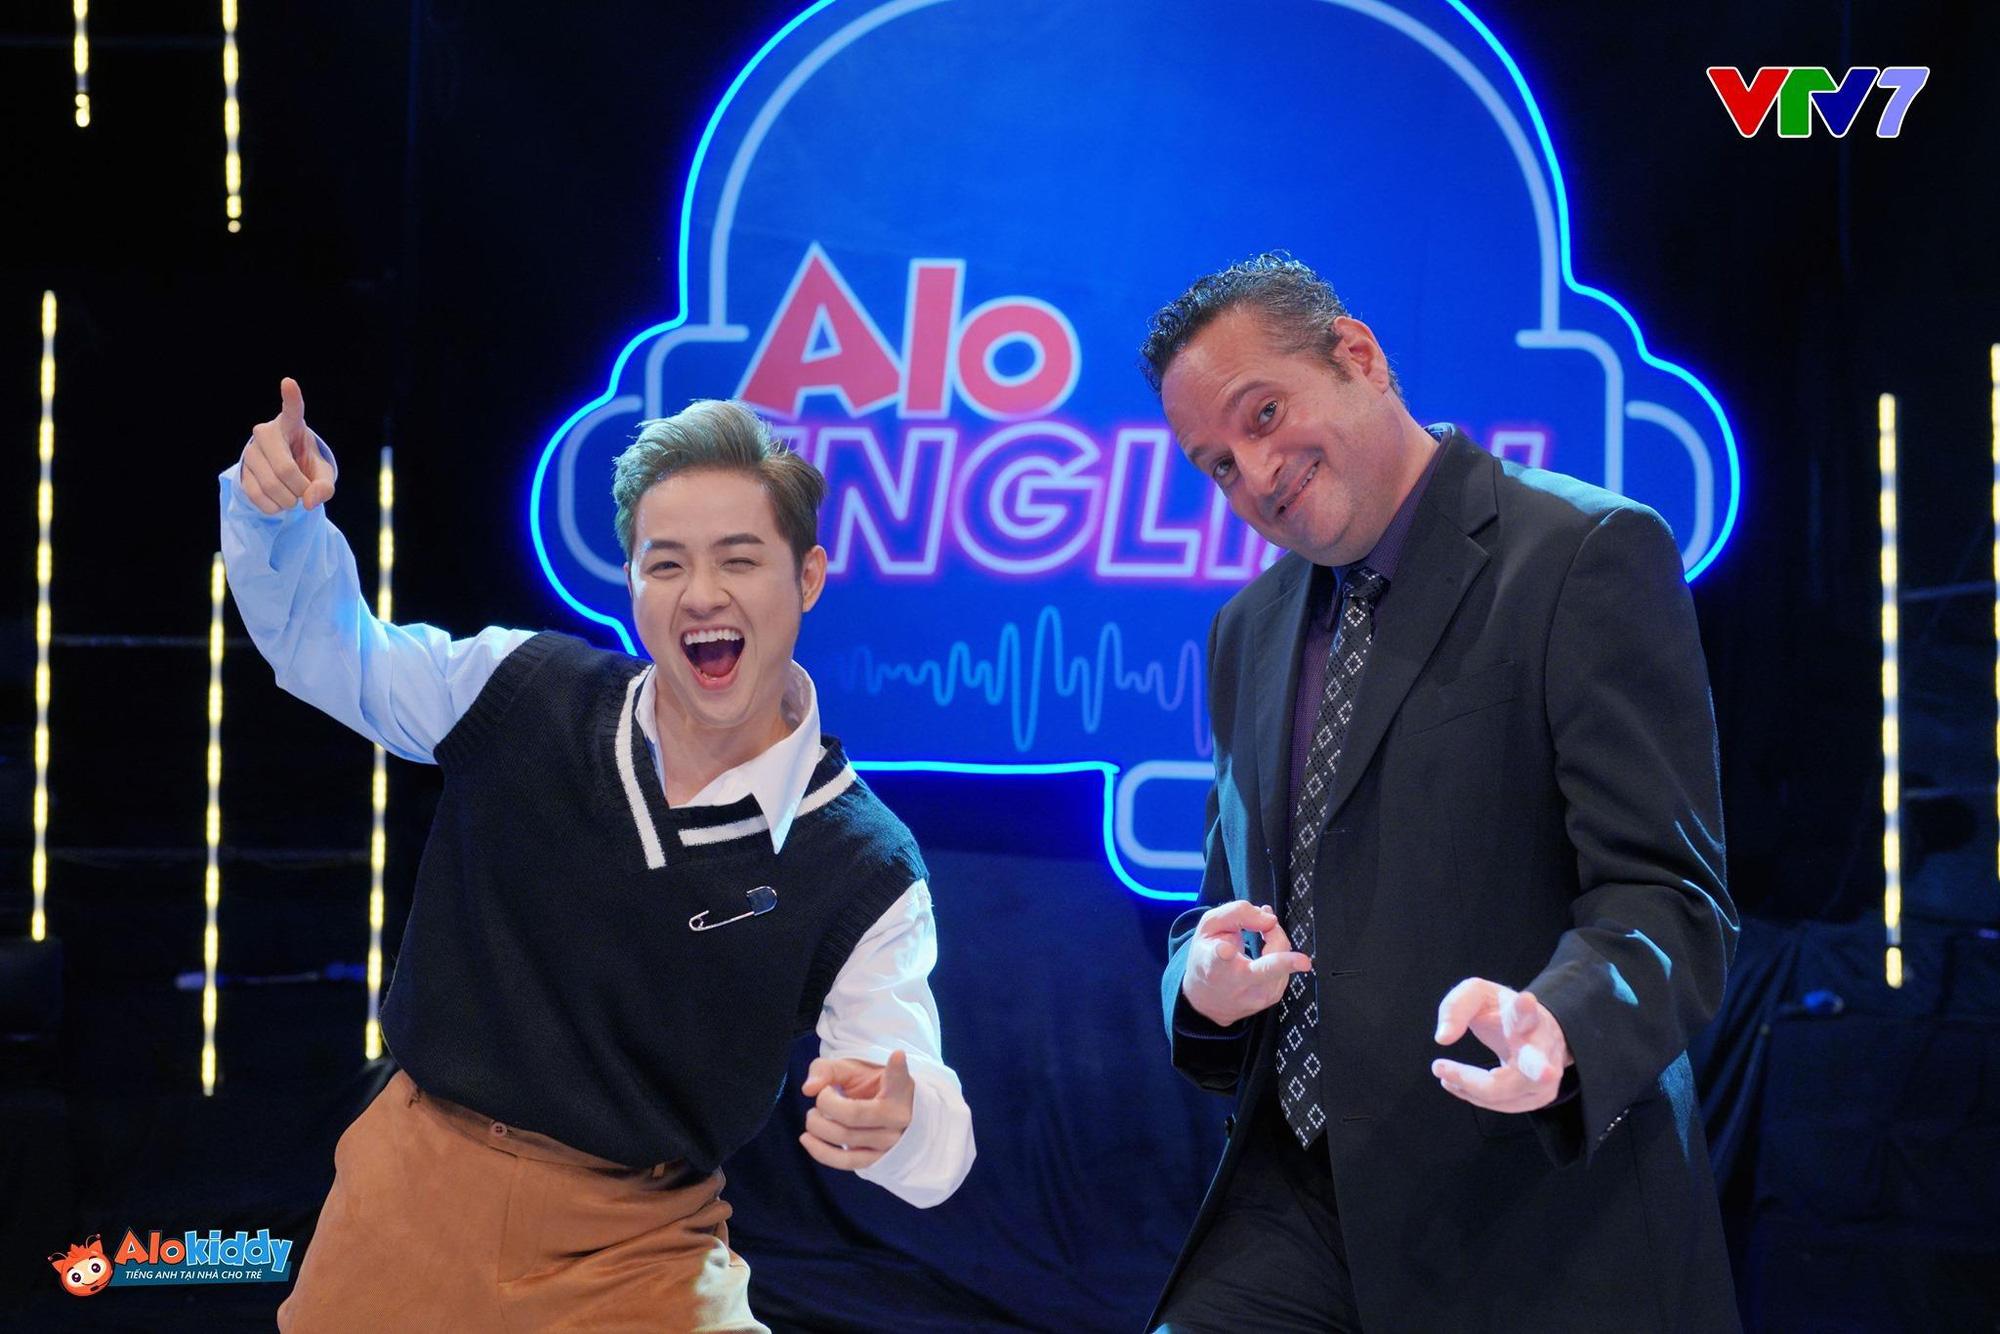 AloEnglish - Sân chơi ươm mầm cảm hứng học tiếng Anh chính thức Casting mùa 2 - Ảnh 2.